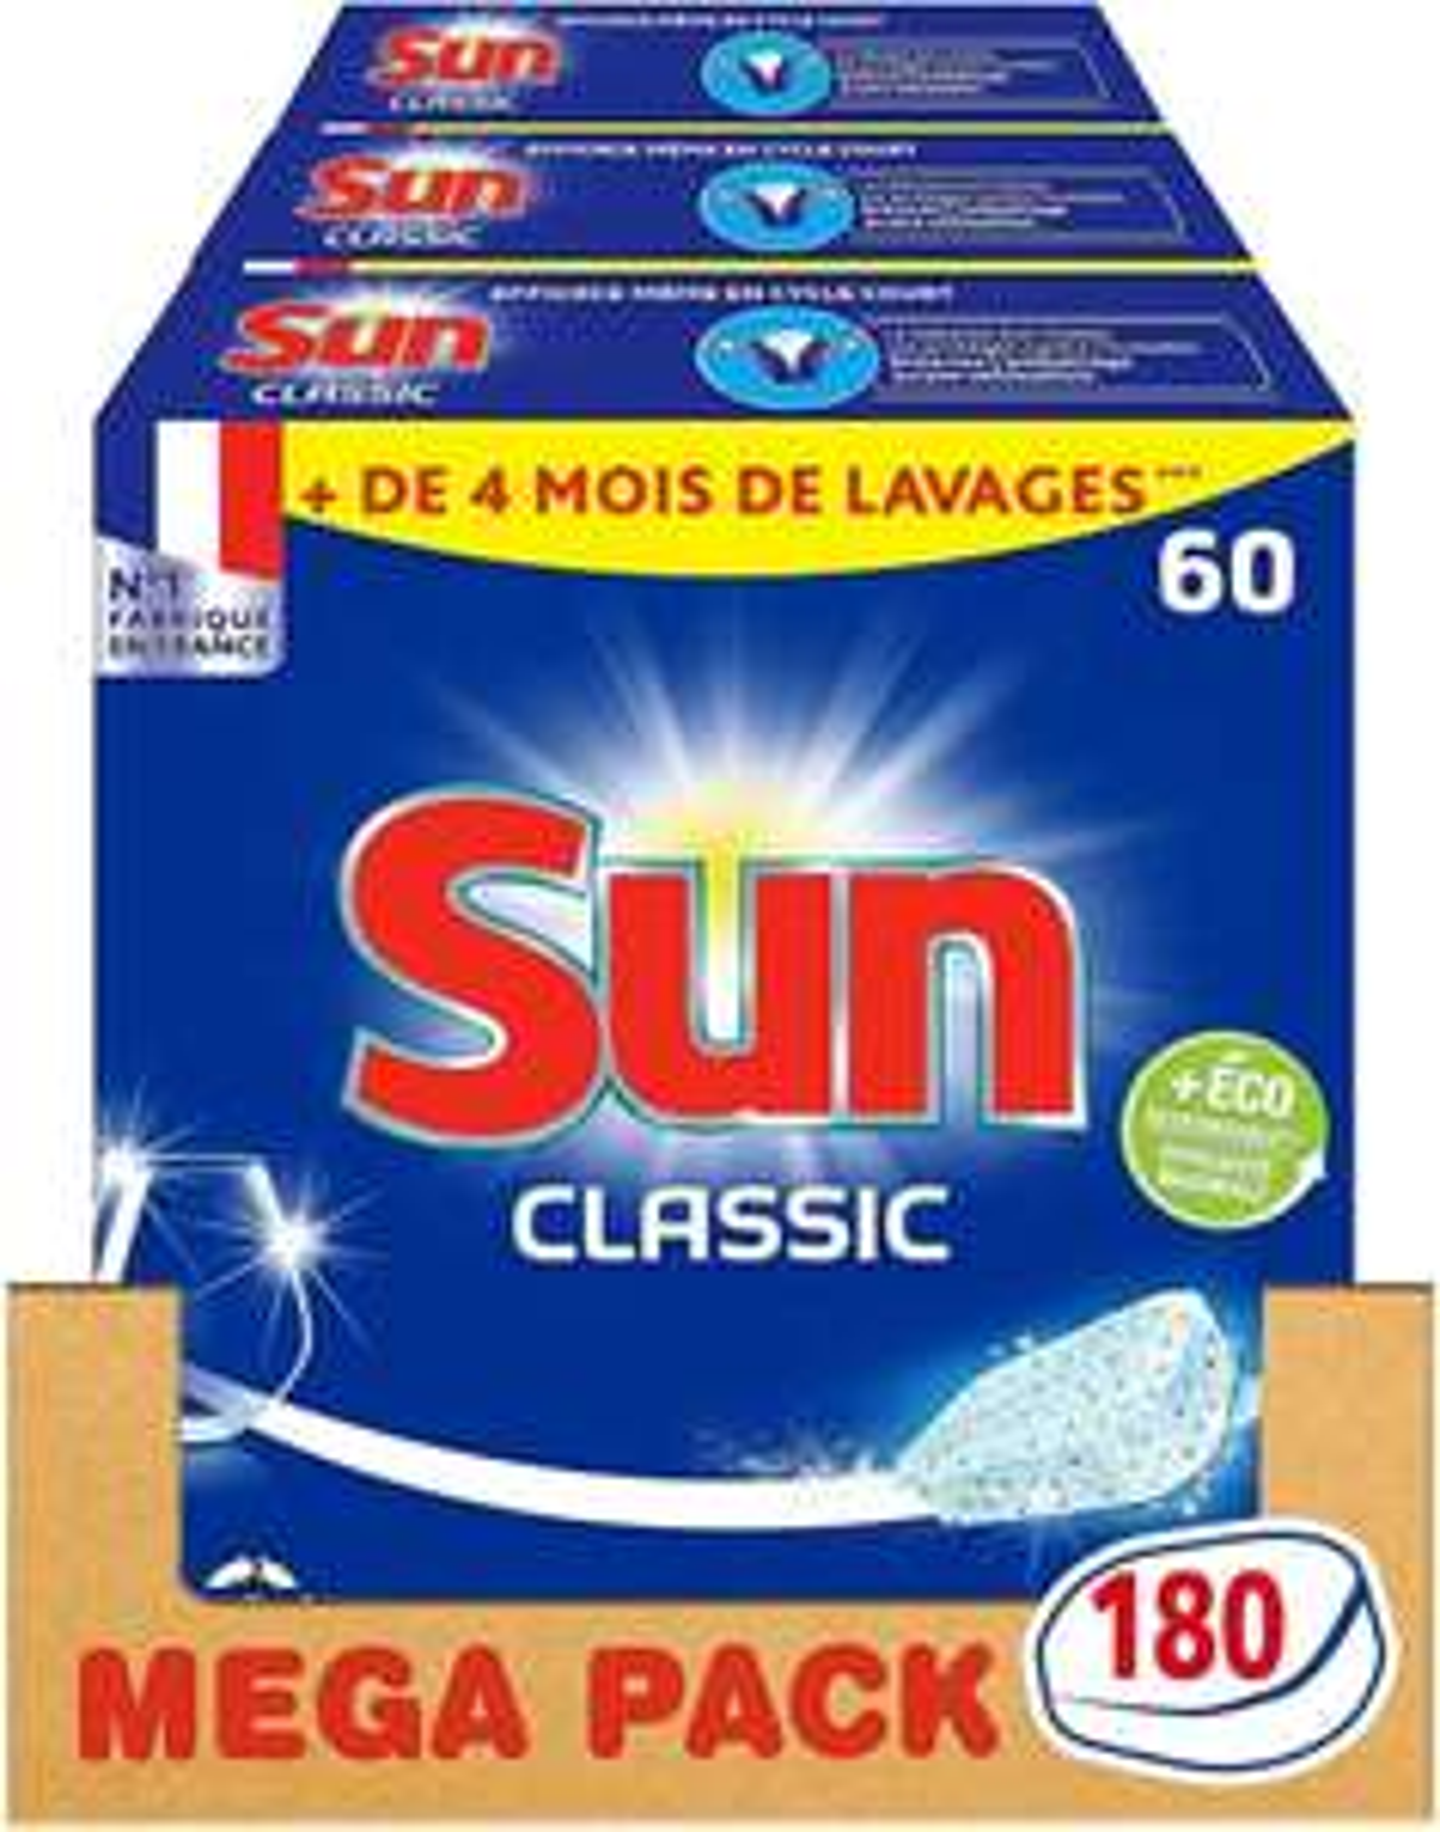 [Prime] Lot de 3 pack de 60 Tablettes Lave-Vaisselle Sun Classique 180 Lavages